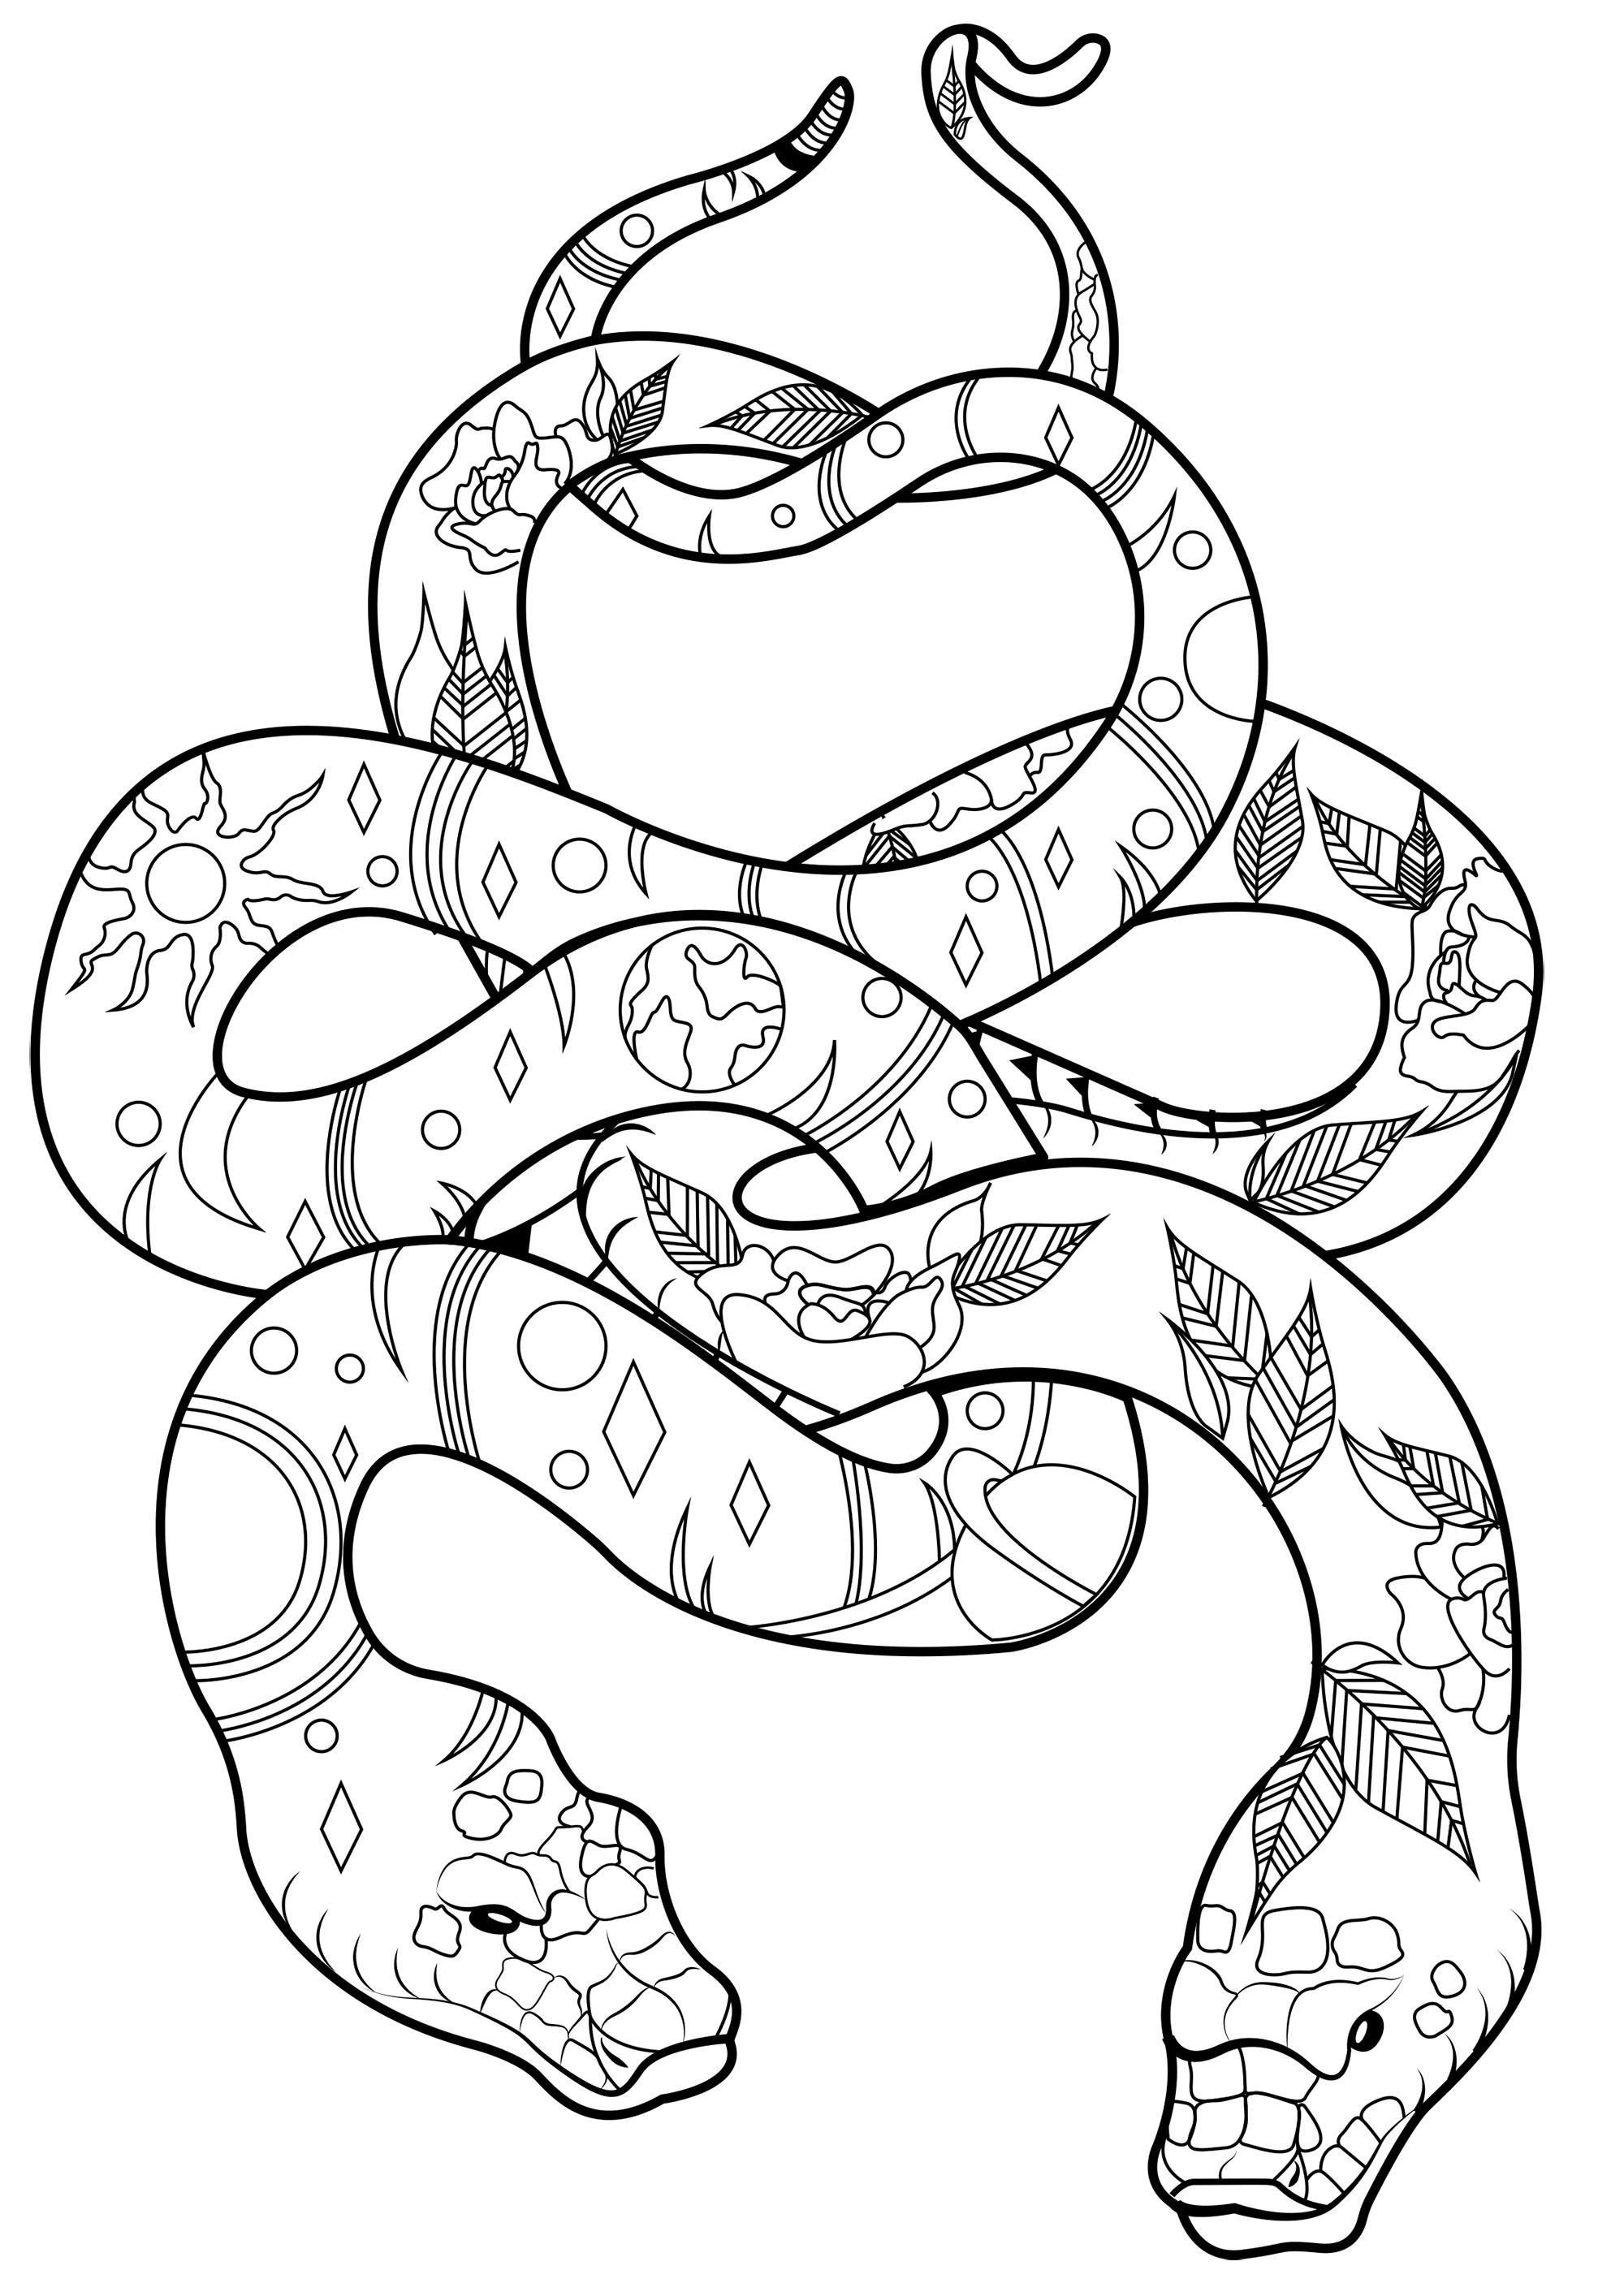 Colorear para Adultos : Serpientes - 1